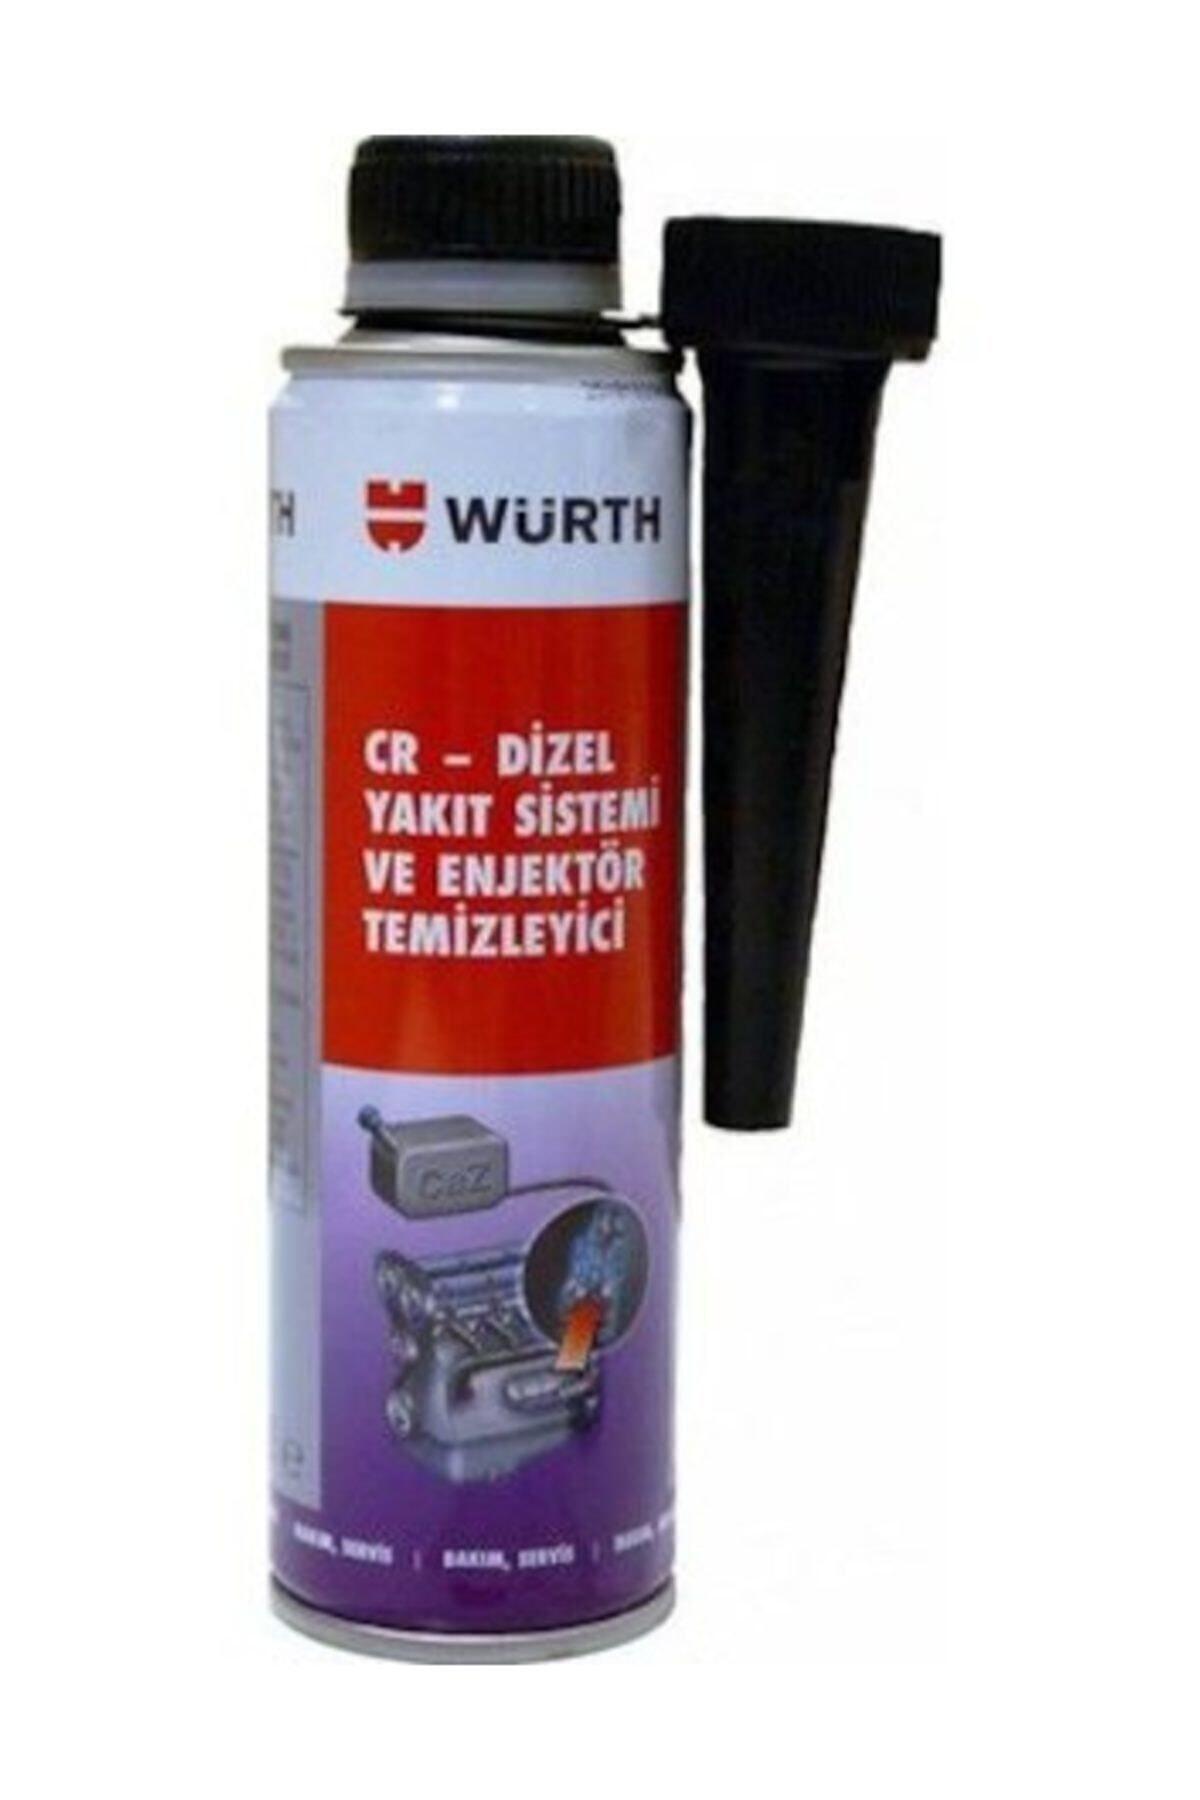 AÇIK OTOMOTİV Würth Dizel Yakıt Sistemi Ve Enjektör Temizleyici 300ml 1